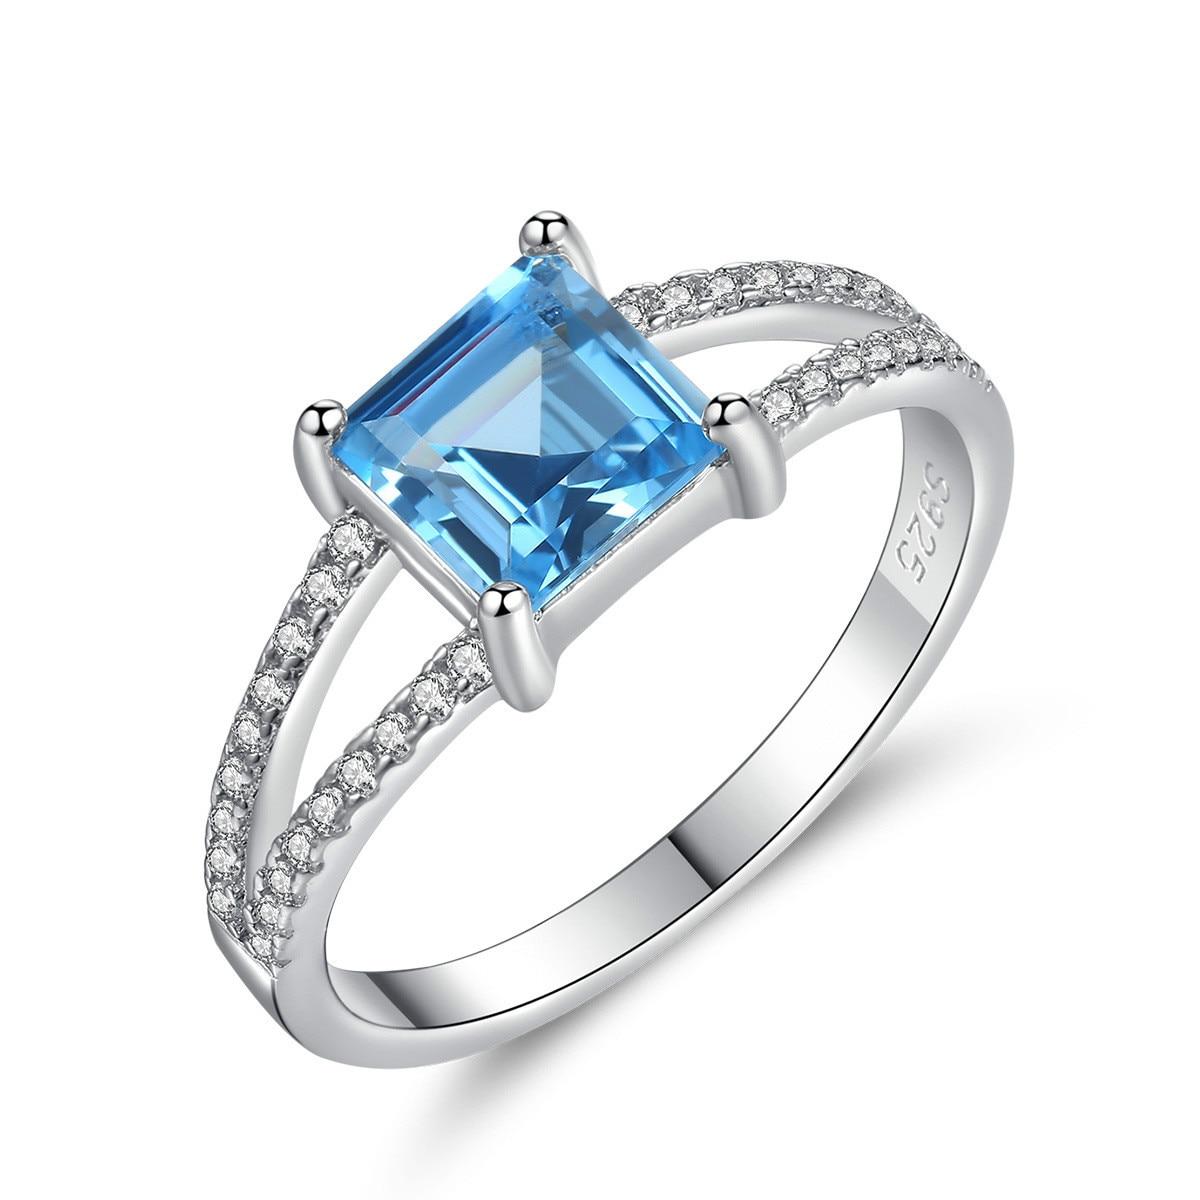 Модные 925 твердого стерлингового серебра Аквамарин драгоценный камень Свадебные обручальные кольца бриллианты кольца для женщин, хорошая ...